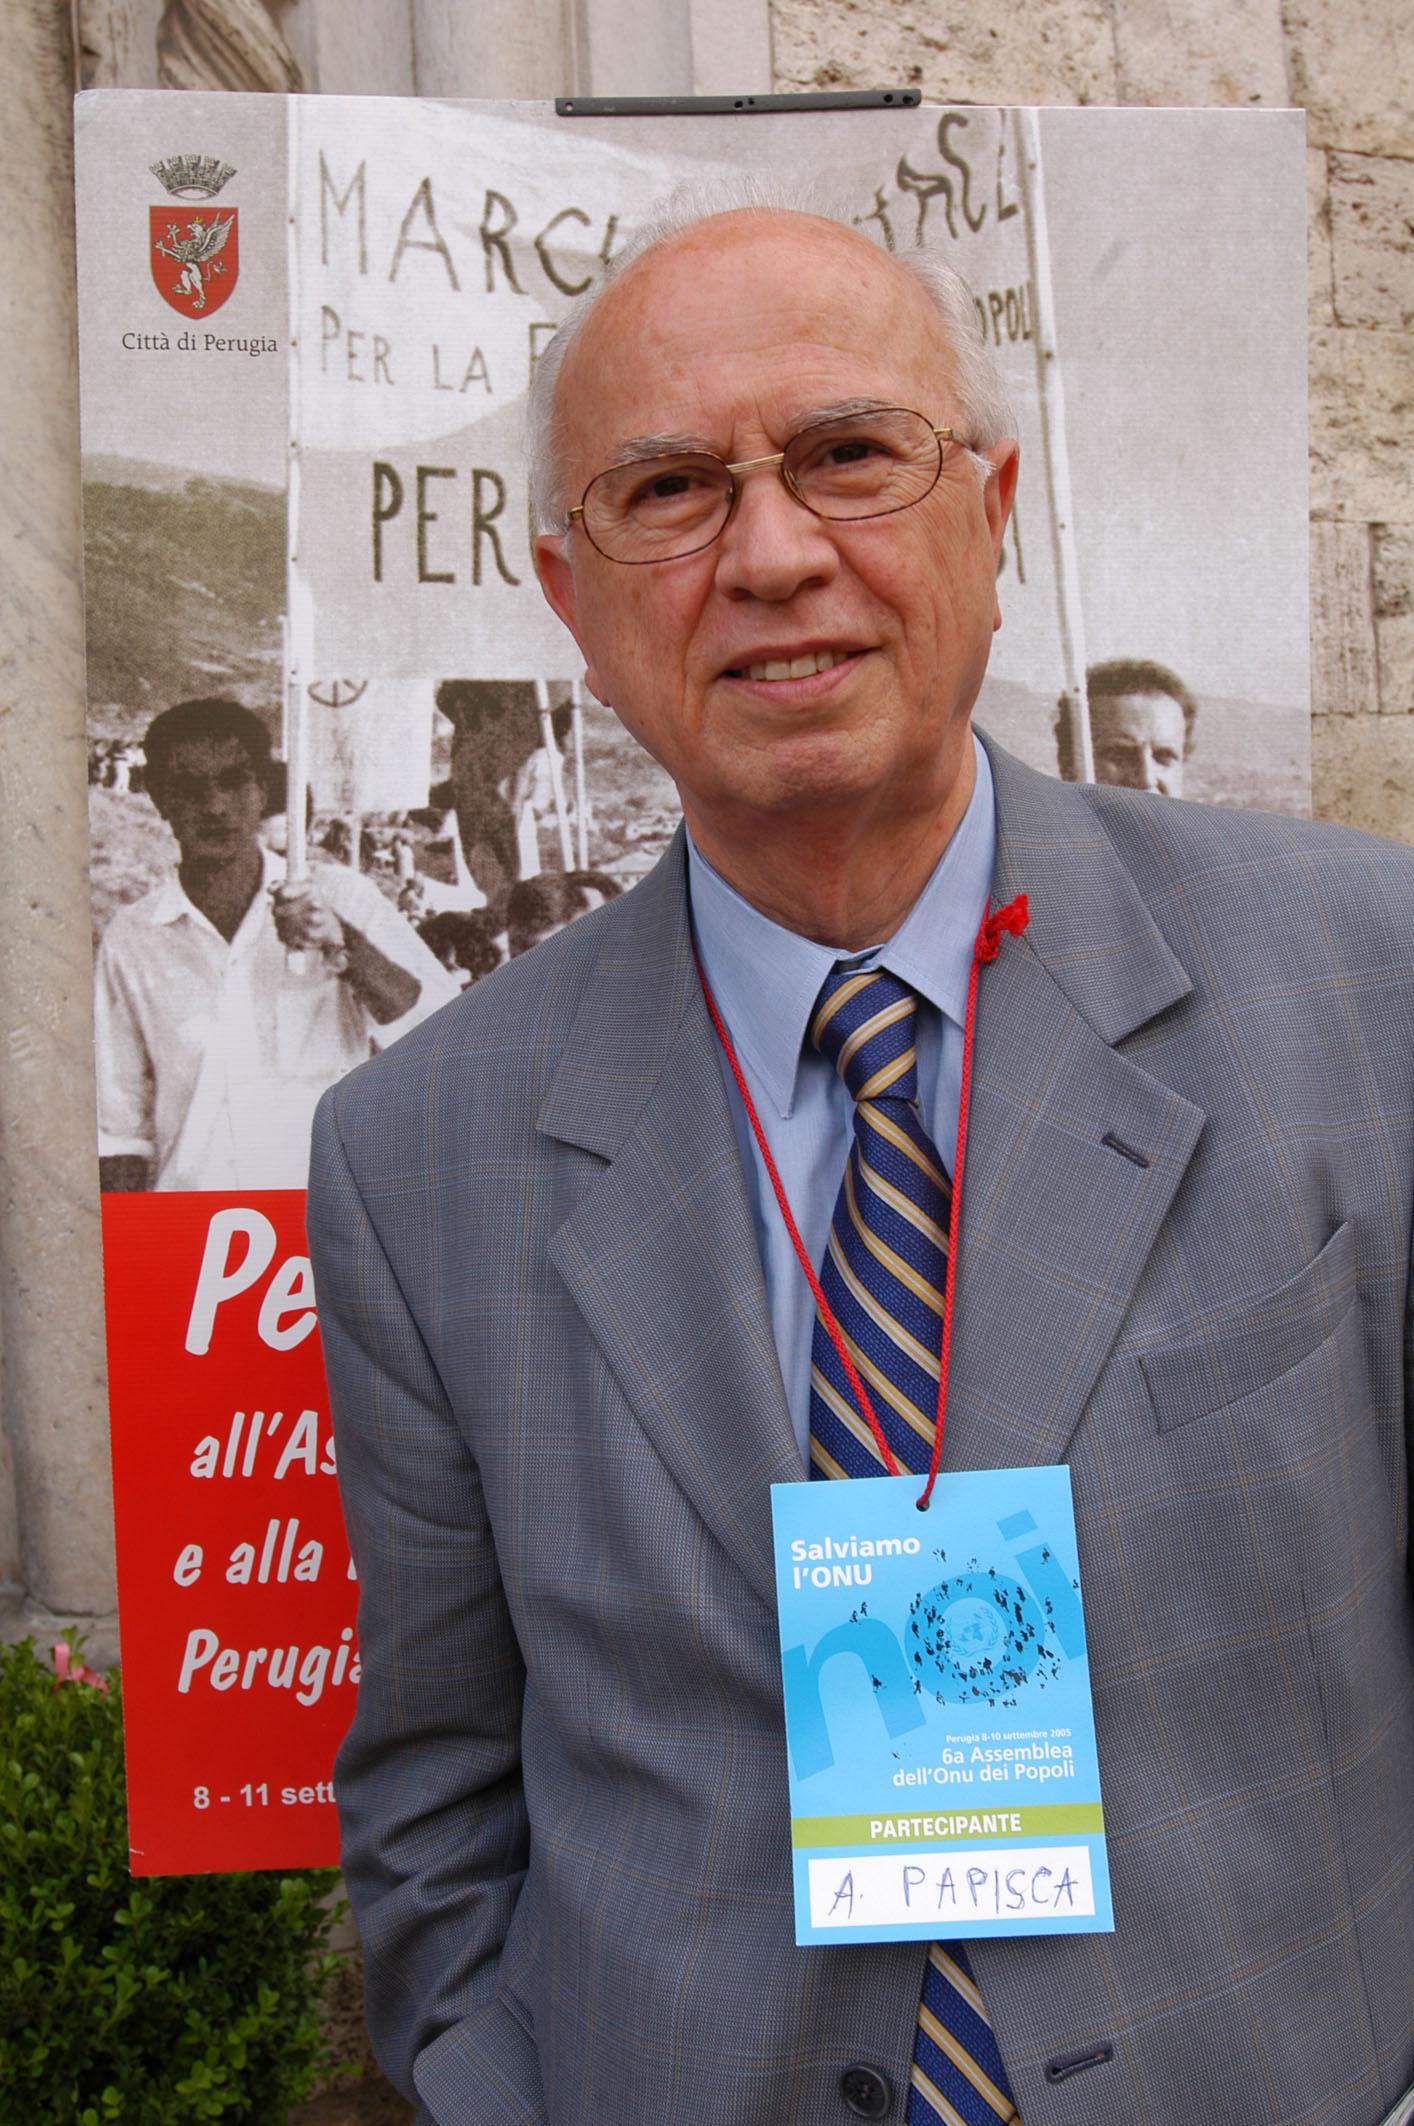 Perugia 10/9/2005 Antonio Papisca, professore all' Universita' di Padova. foto: Roberto Brancolini©